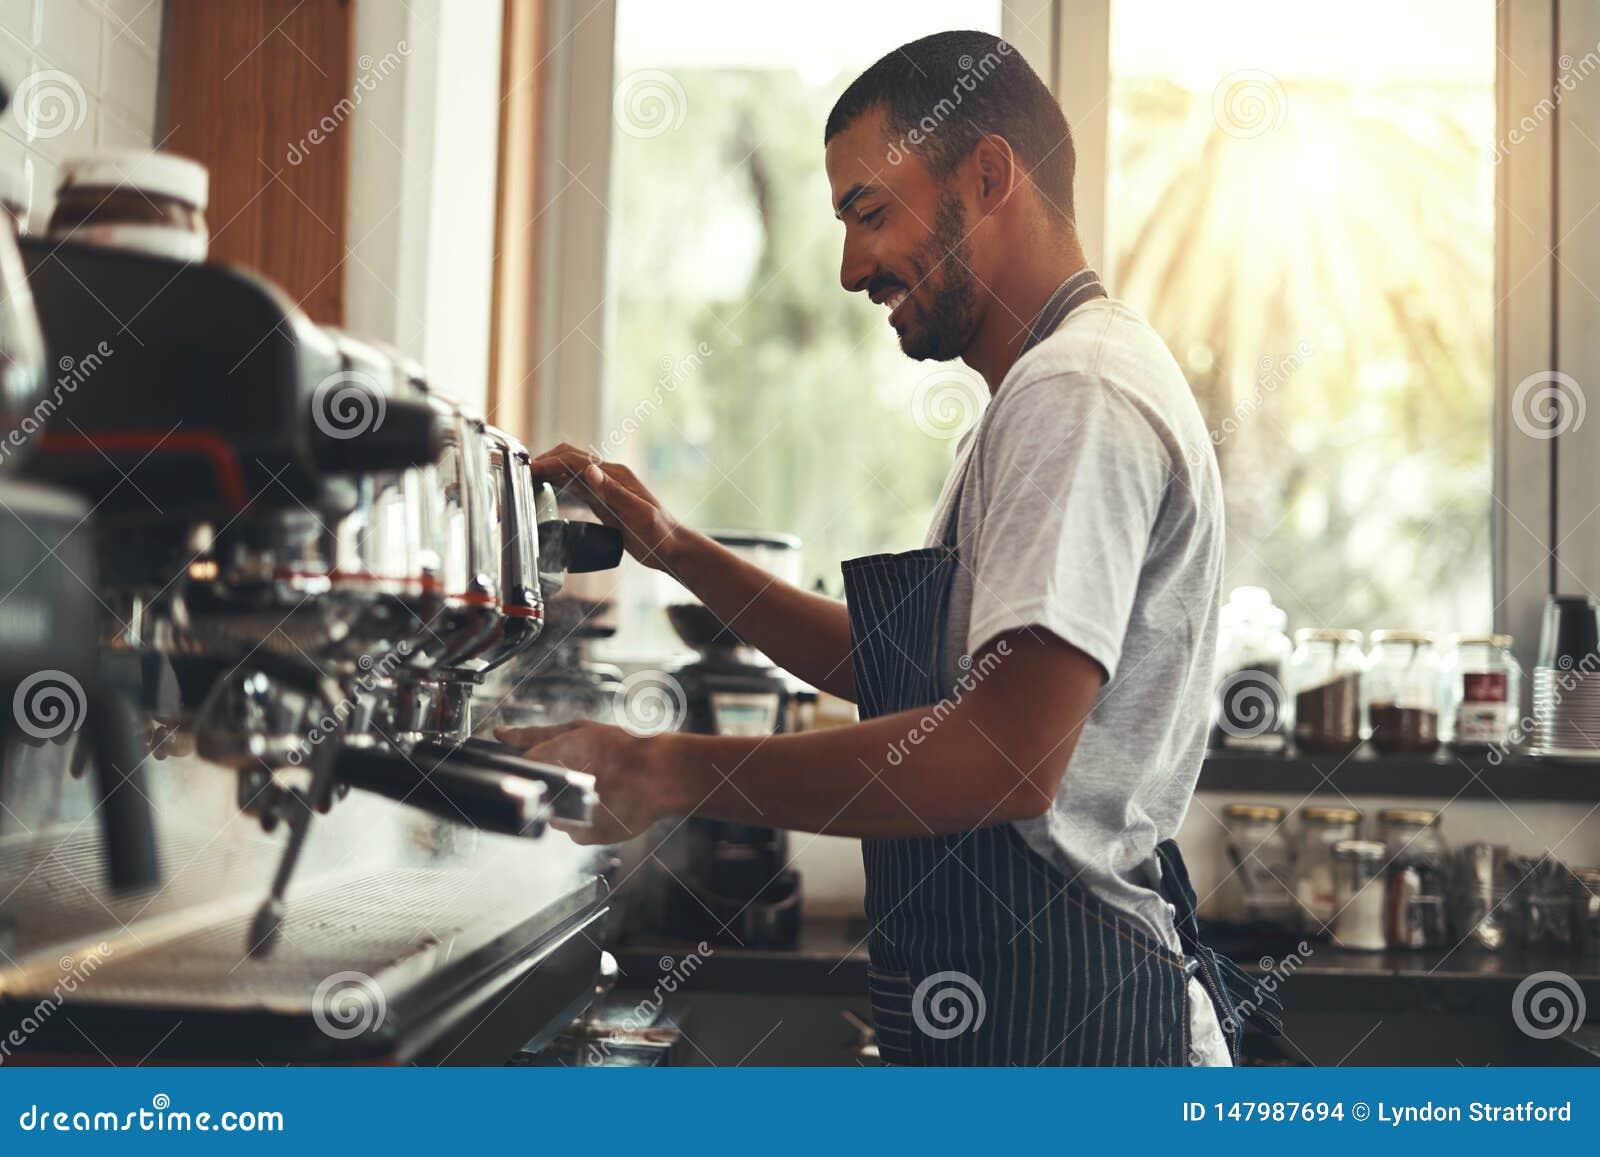 Barista maakt cappuccino in koffie